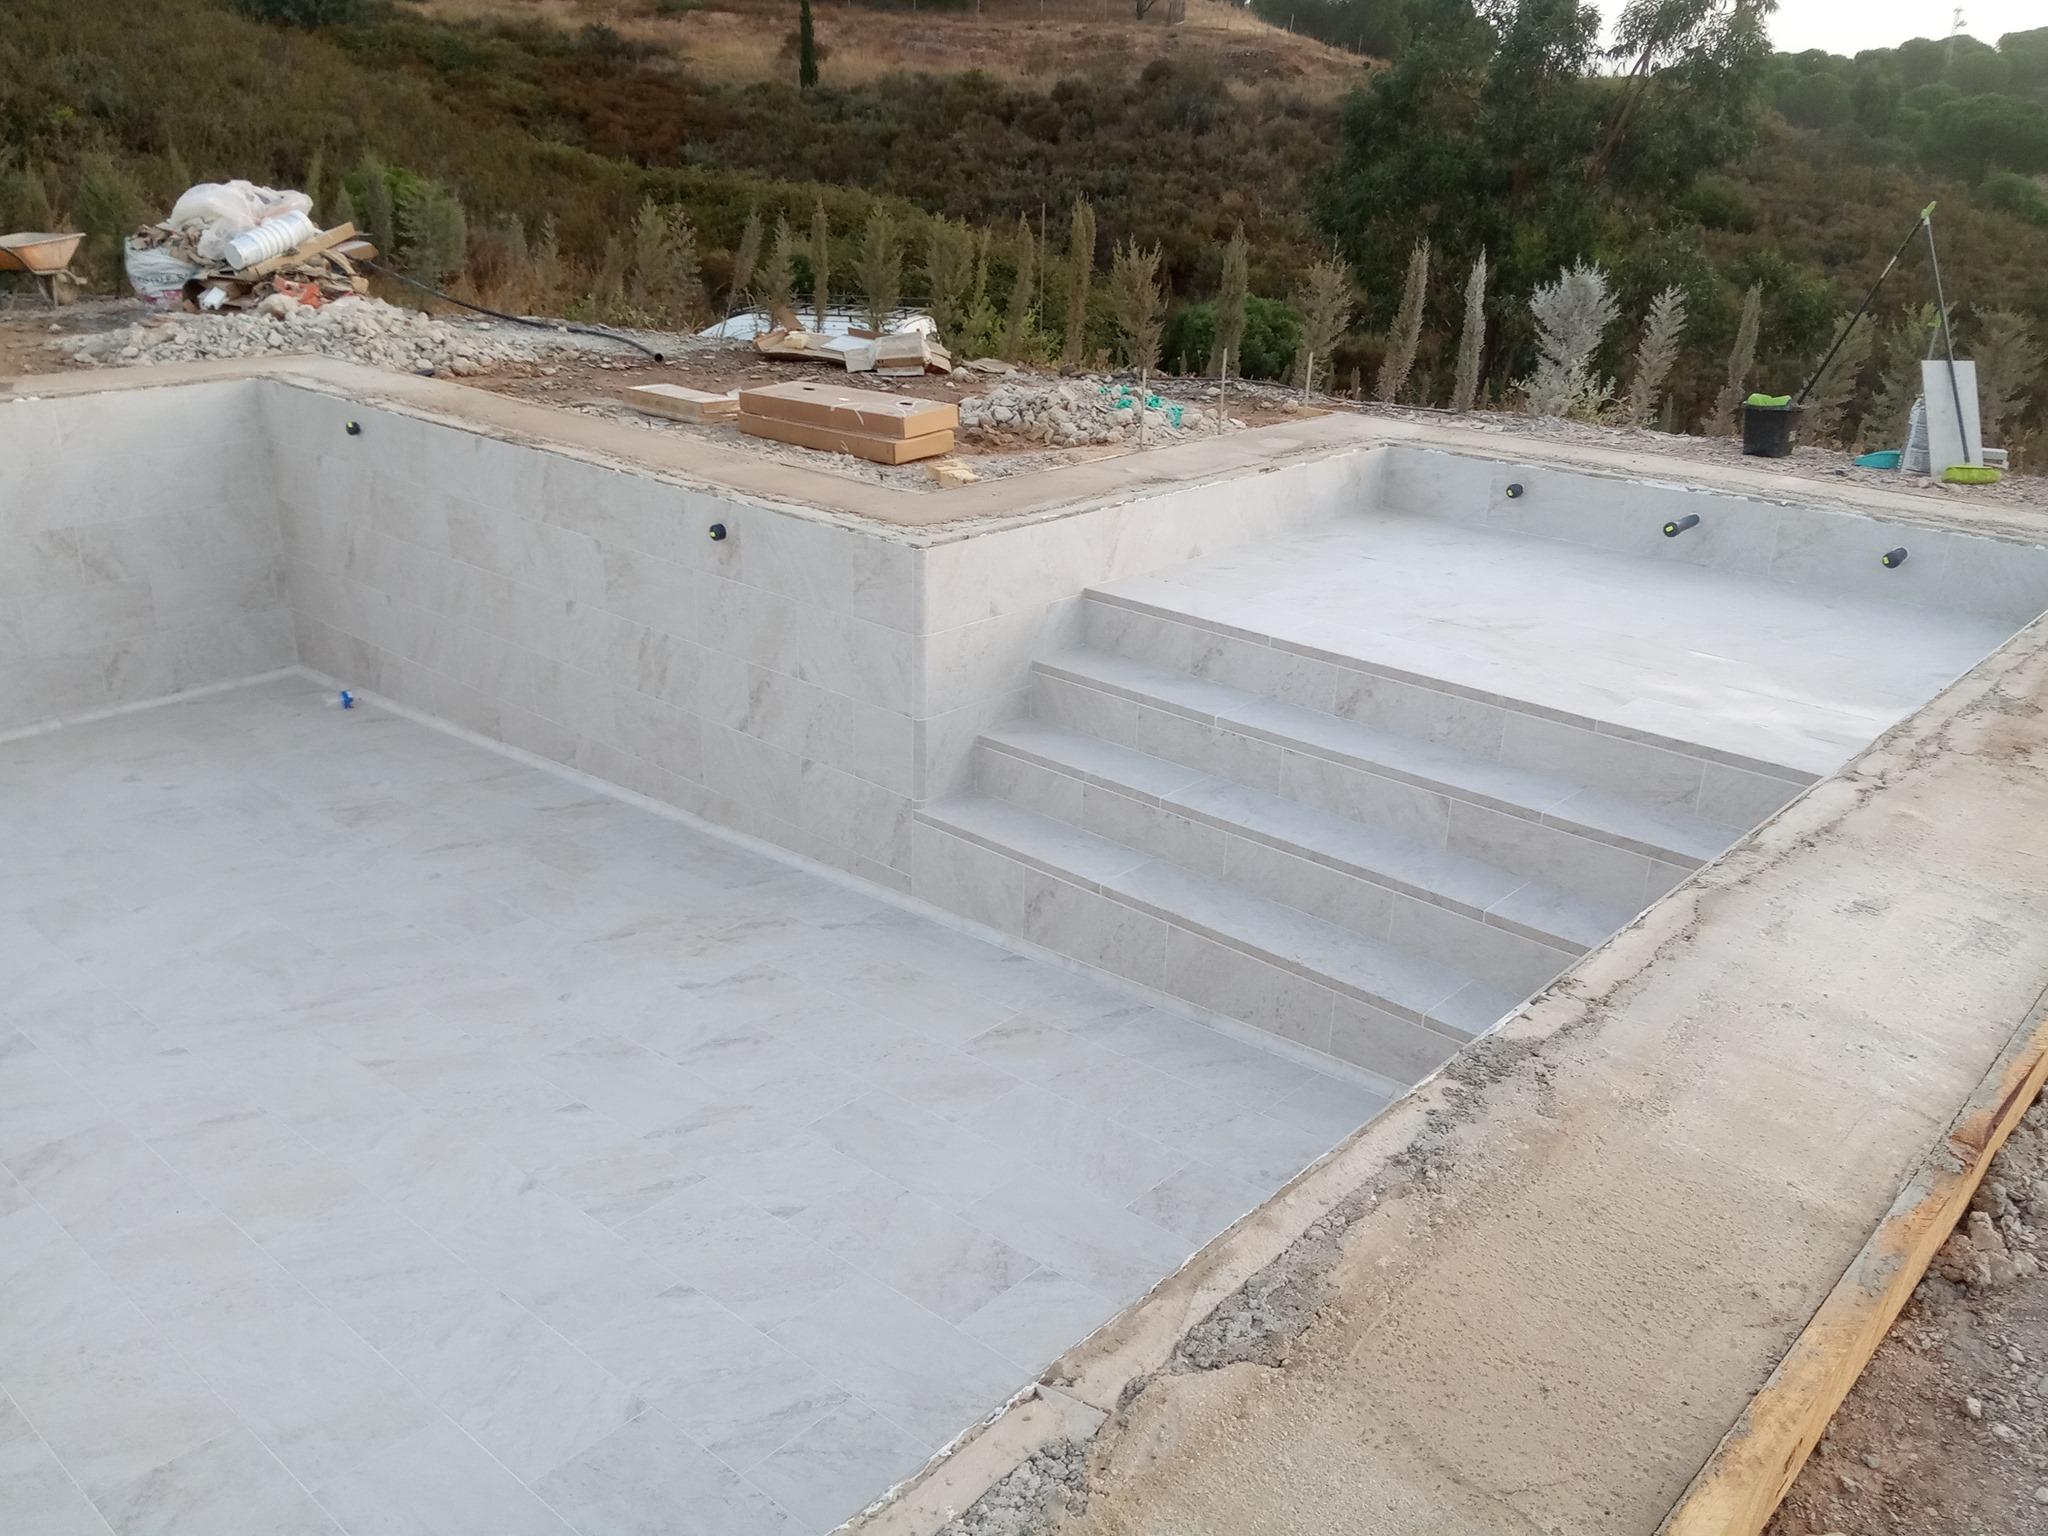 instalación del gres en la piscina en obras.